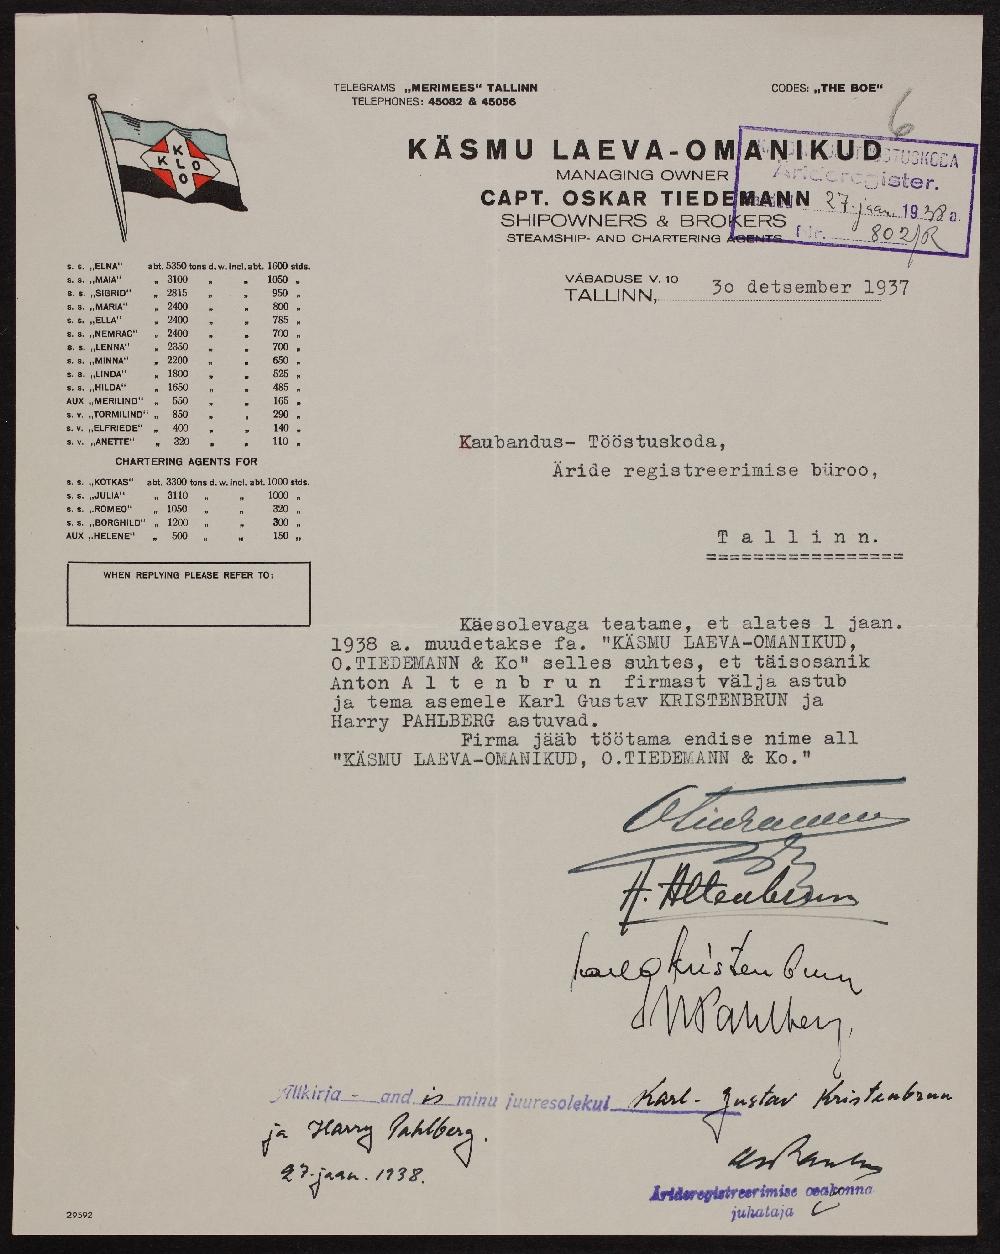 """Väljavõte """"Käsmu laevaomanikud O. Tiedemann ja Ko"""" registreerimistoimikust, 30.12.1937. ERA.891.2.19670"""